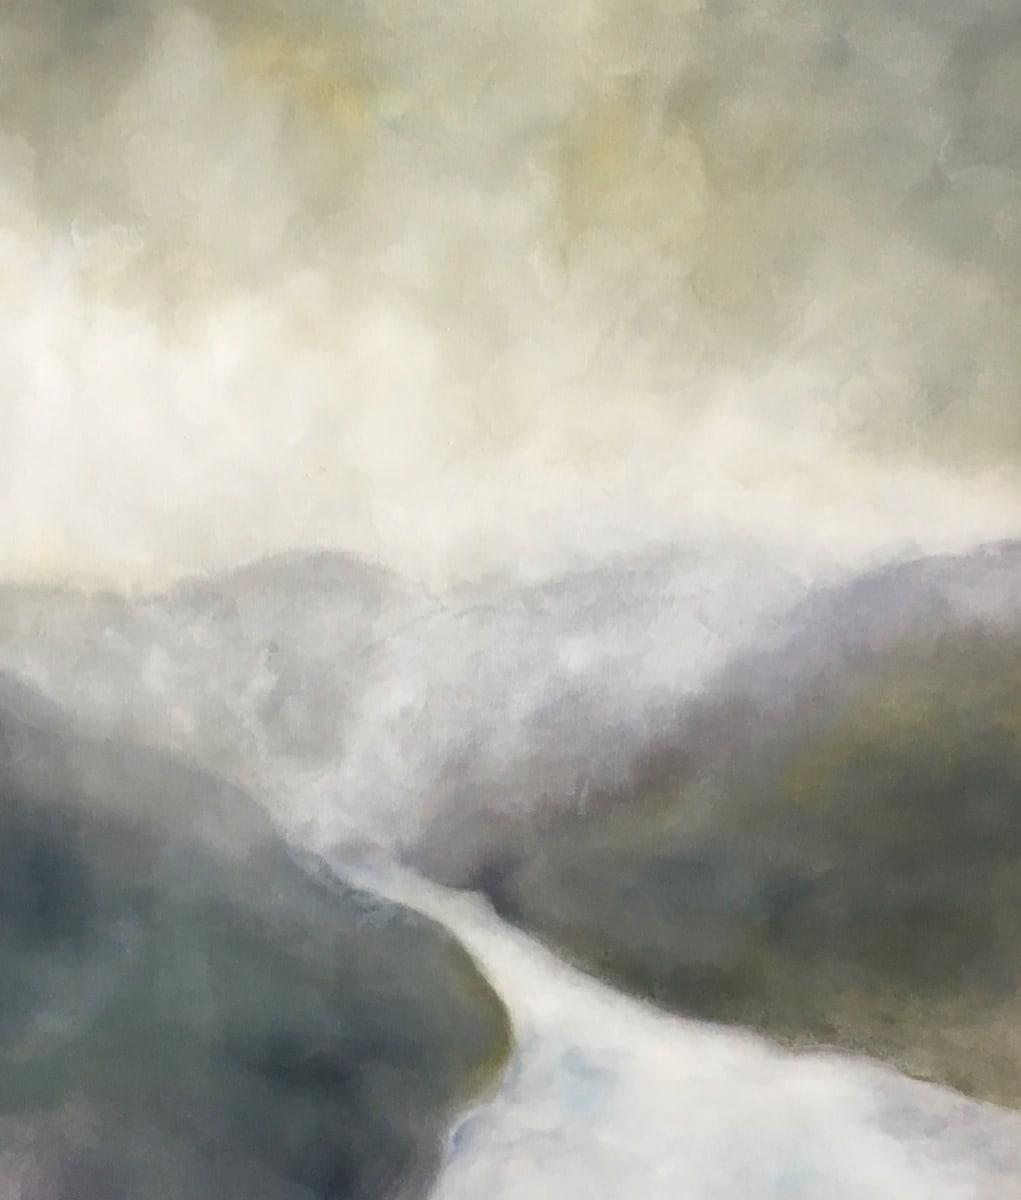 A Misty Place by Ansley Pye